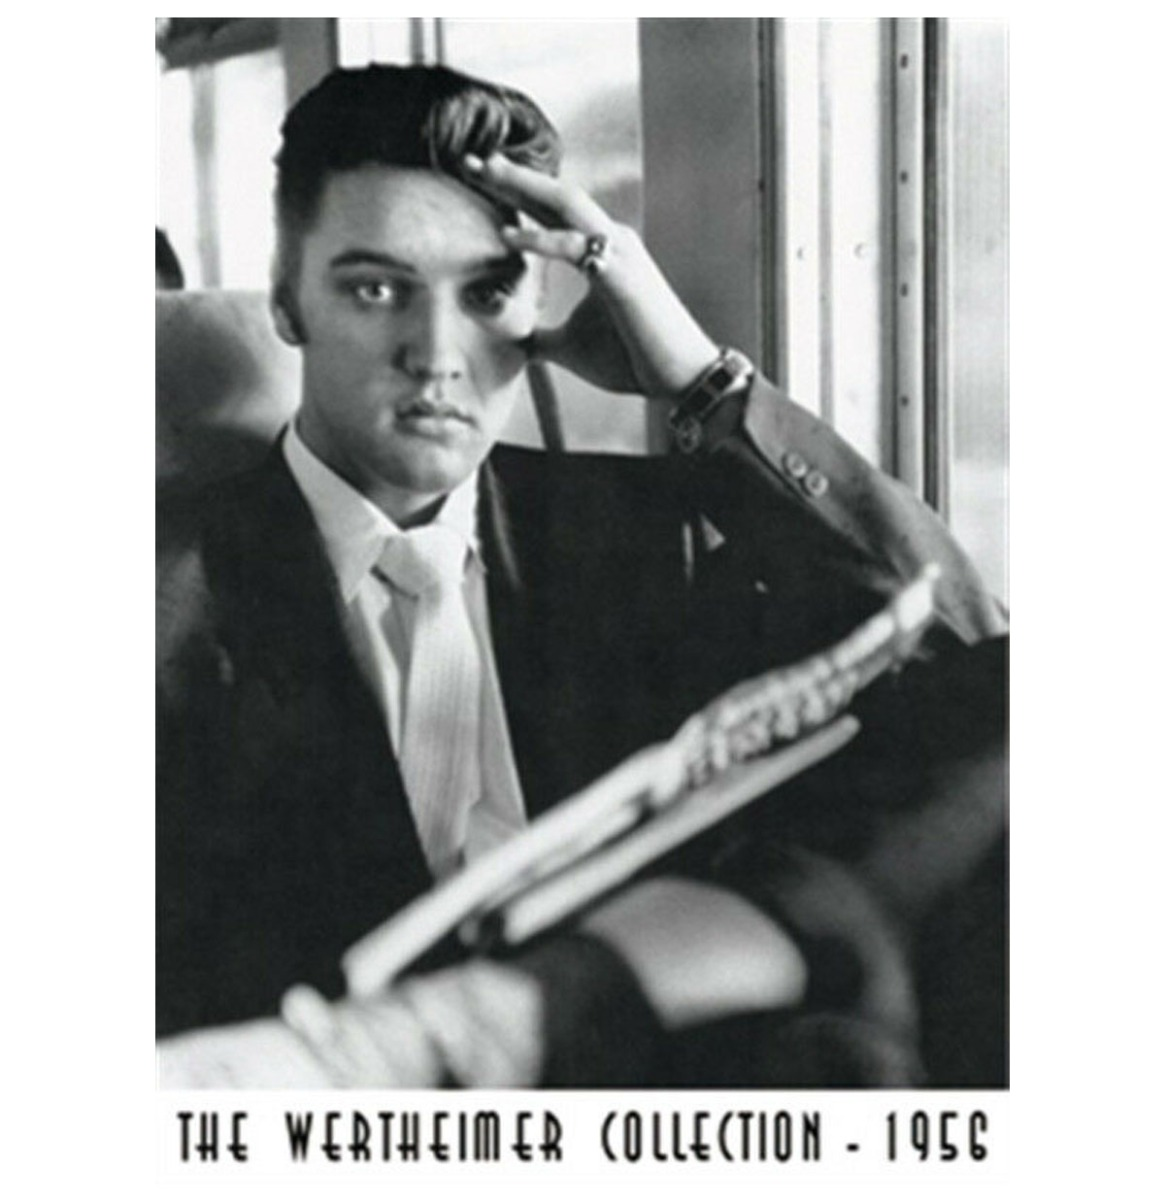 Elvis Presley - The Wertheimer Collection - 1956 Magneet